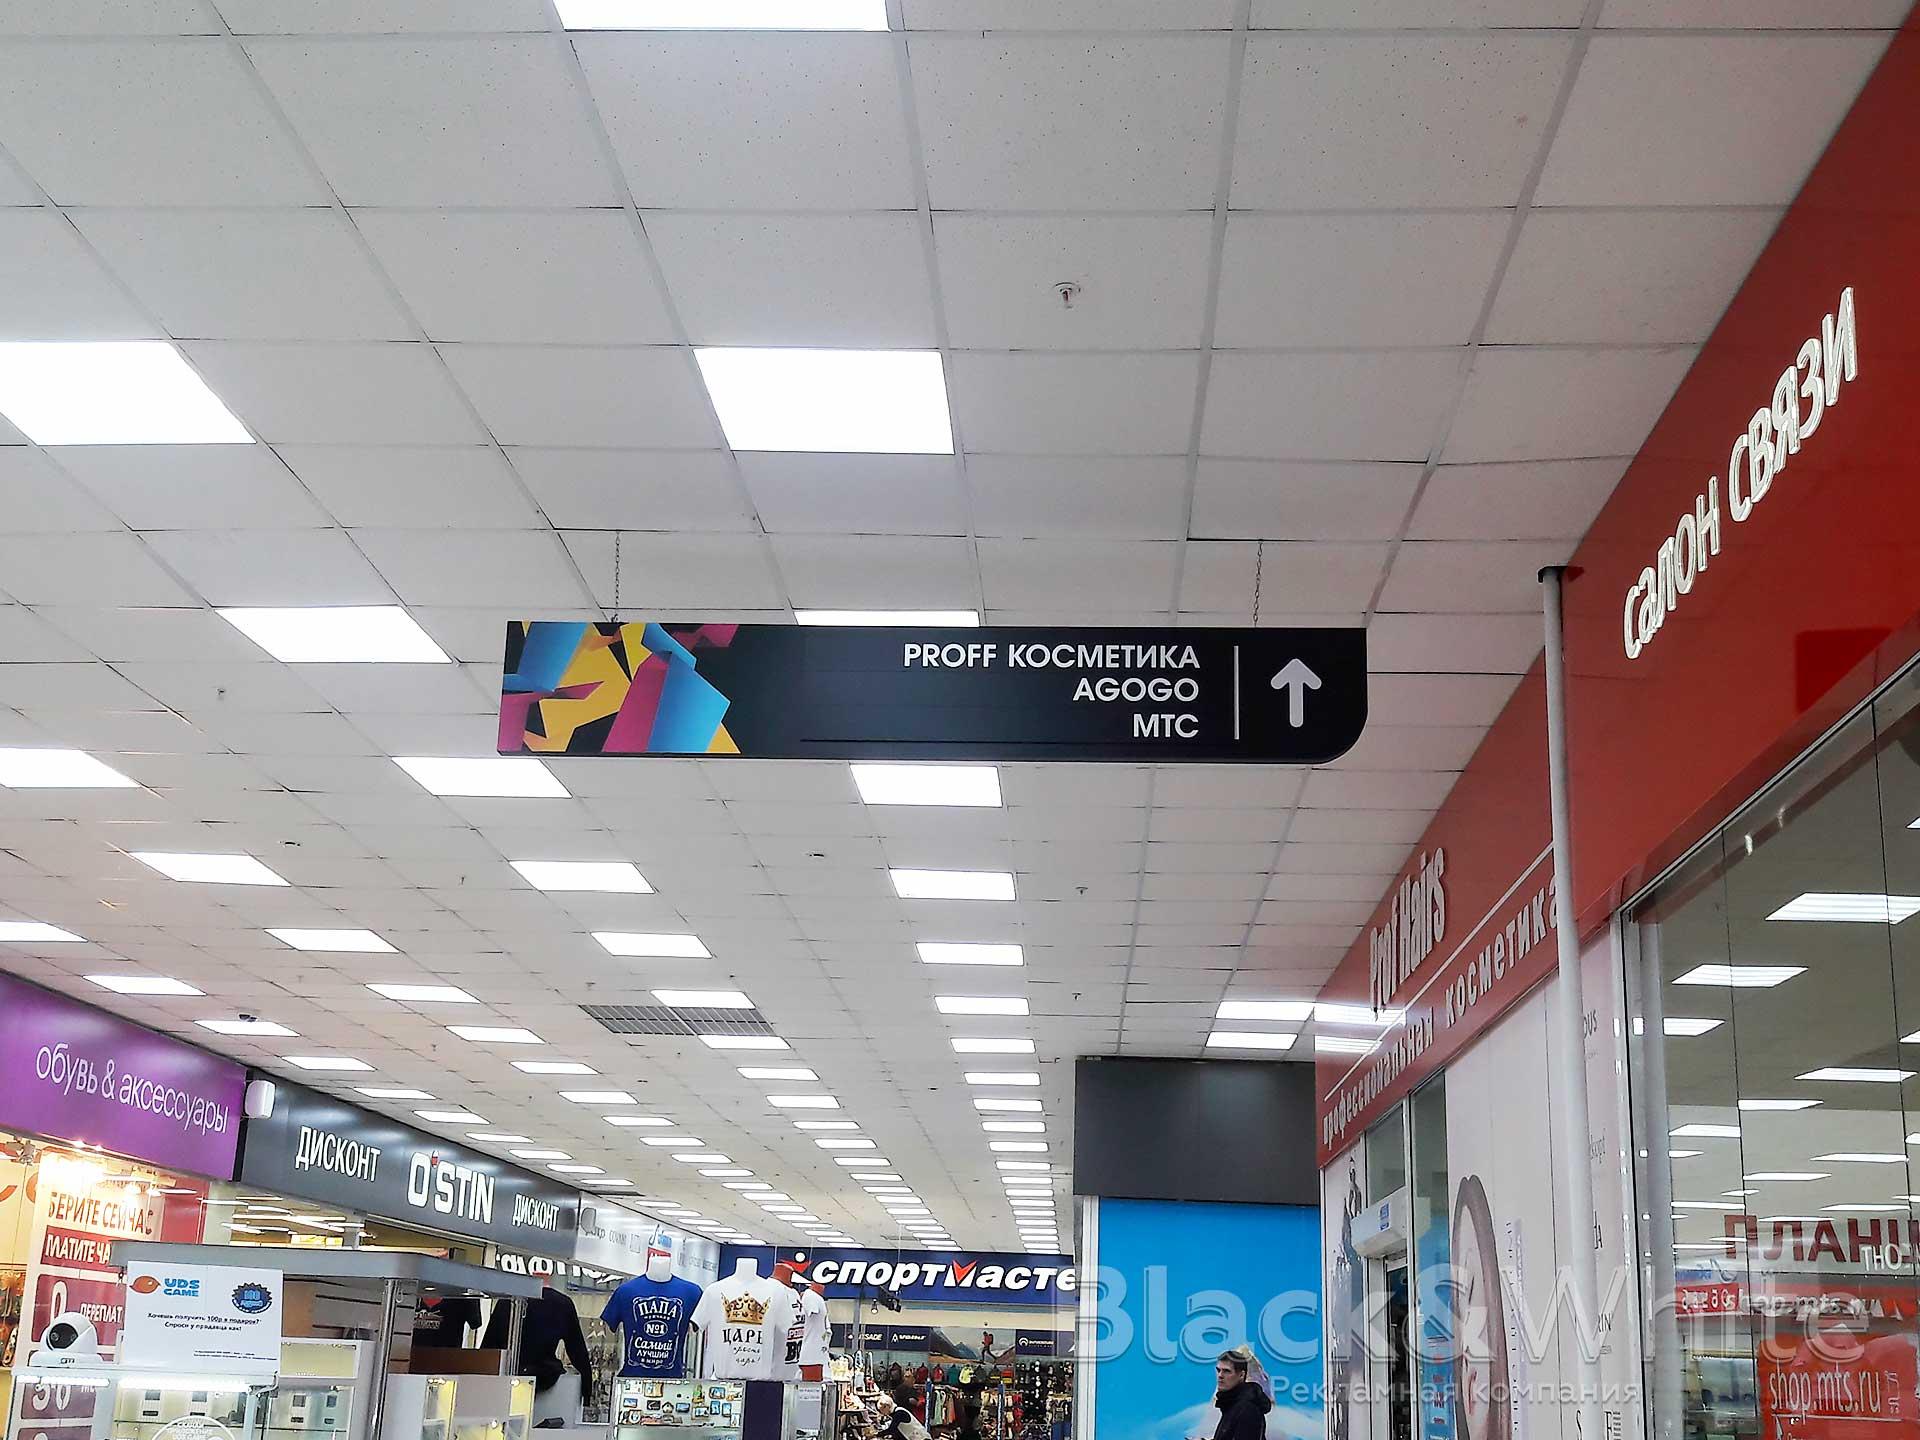 Навигационные-указатели-в-торговый-развлекательный-центр.jpg